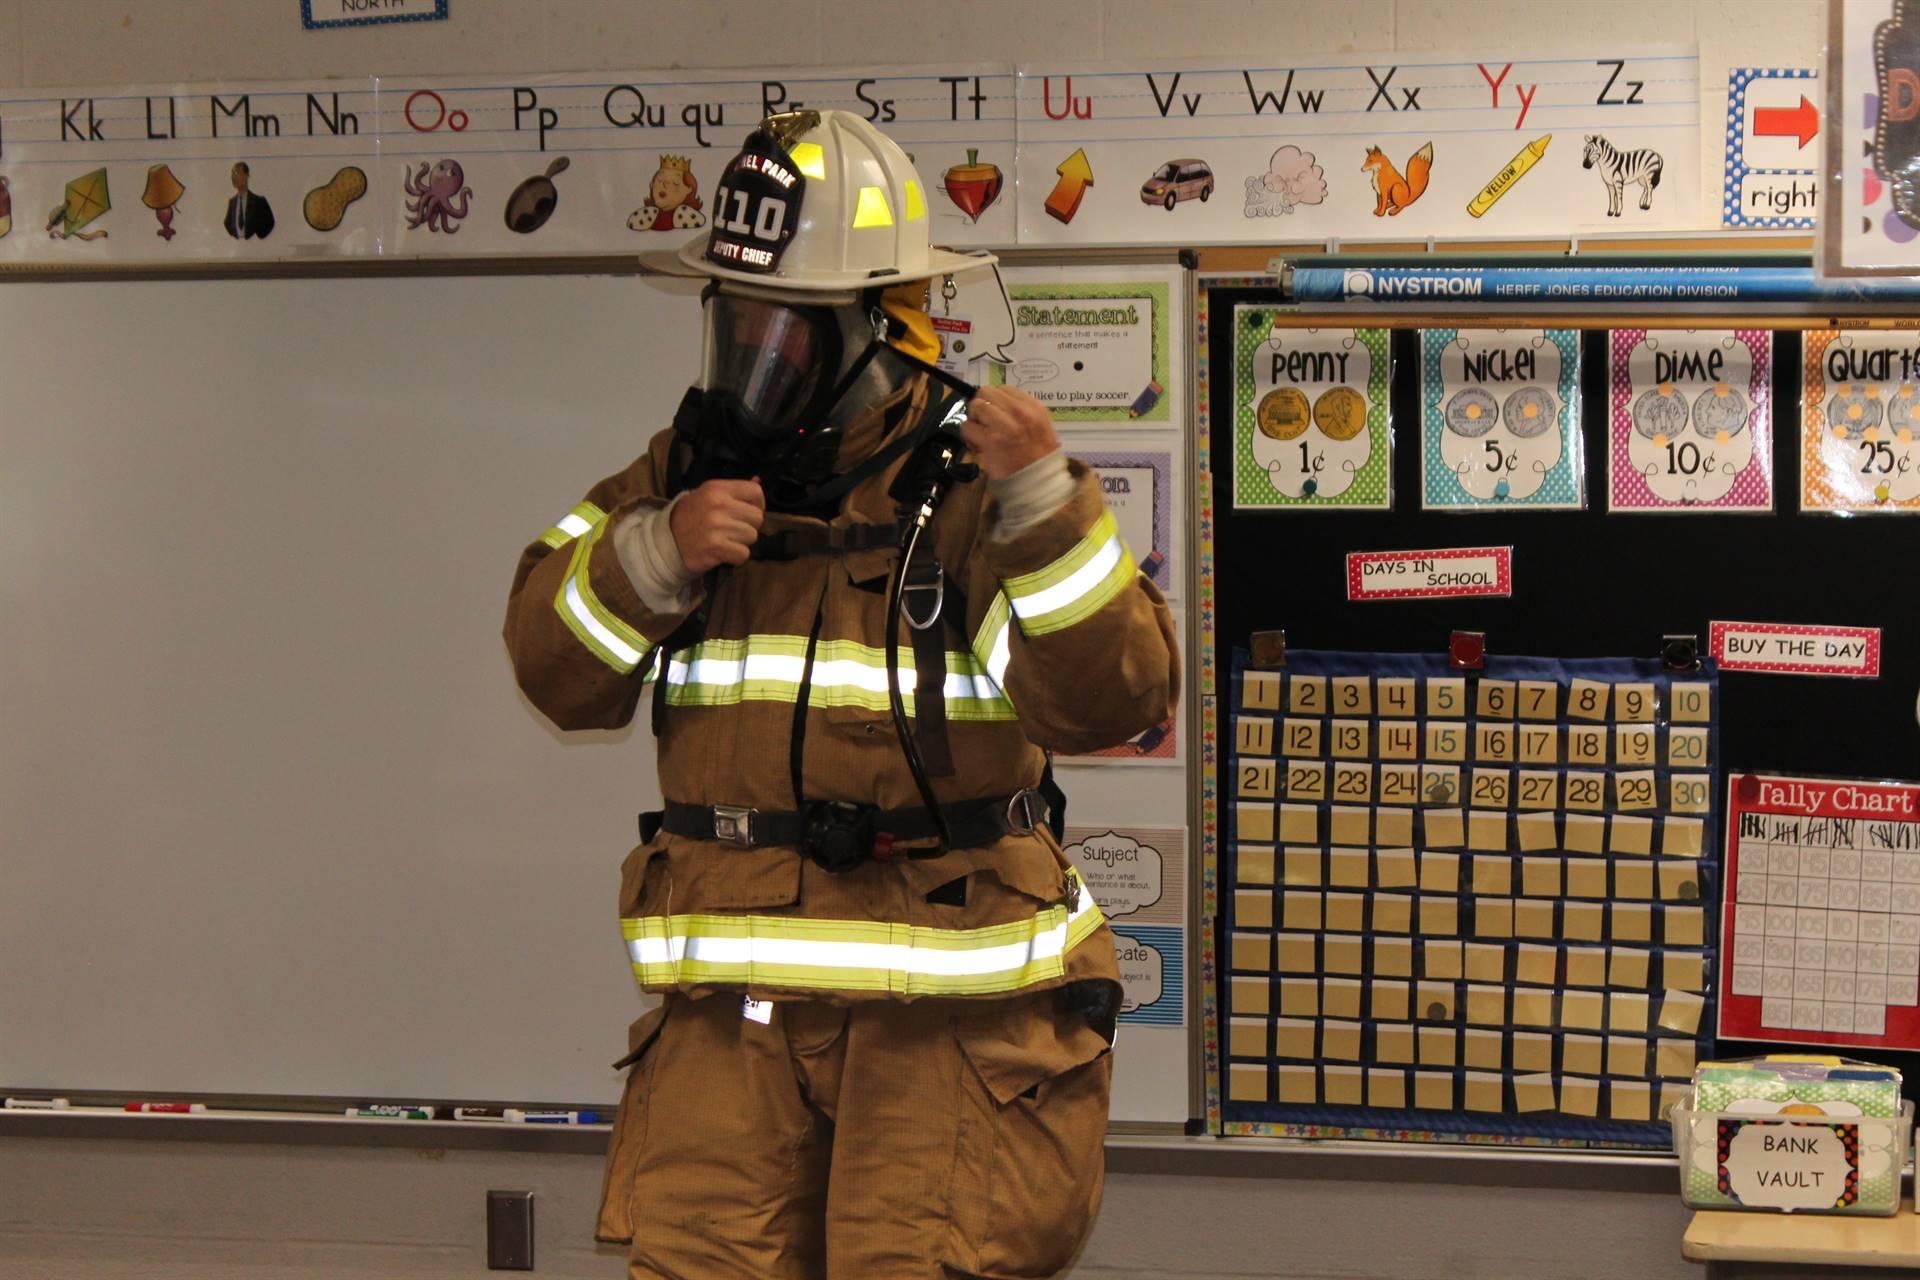 Fireman putting on his respirator